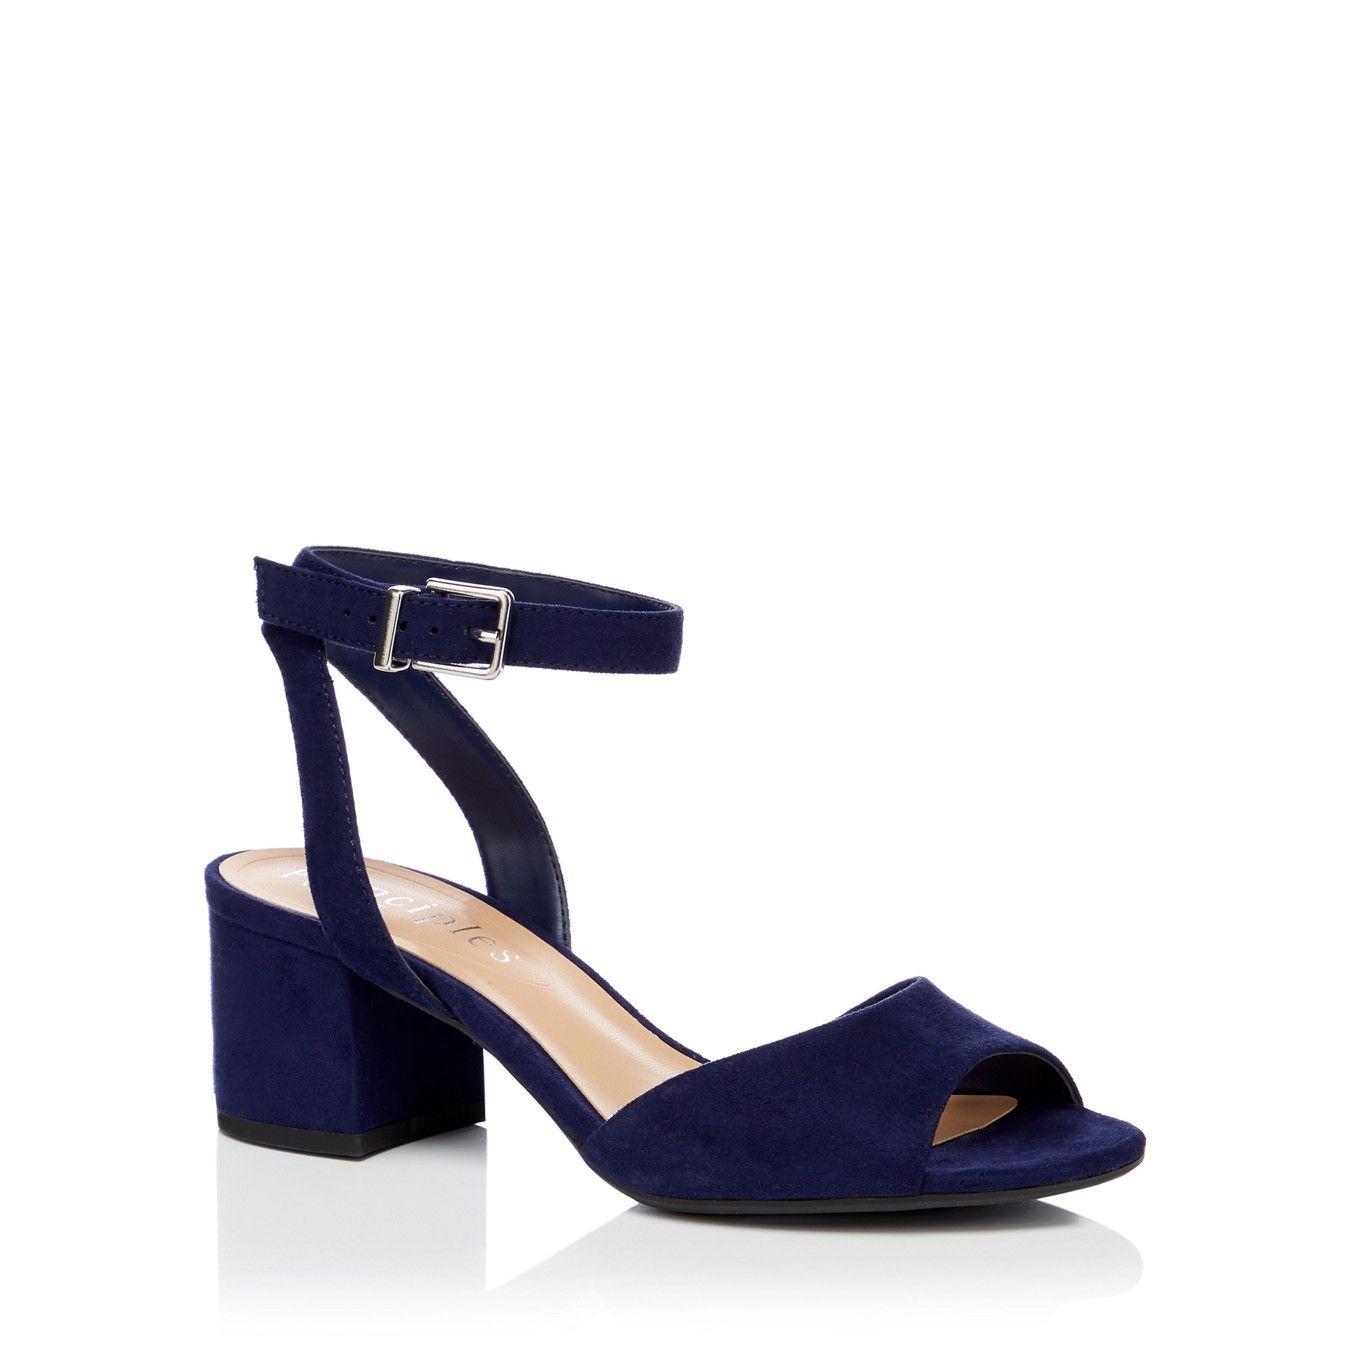 Navy block heel sandals